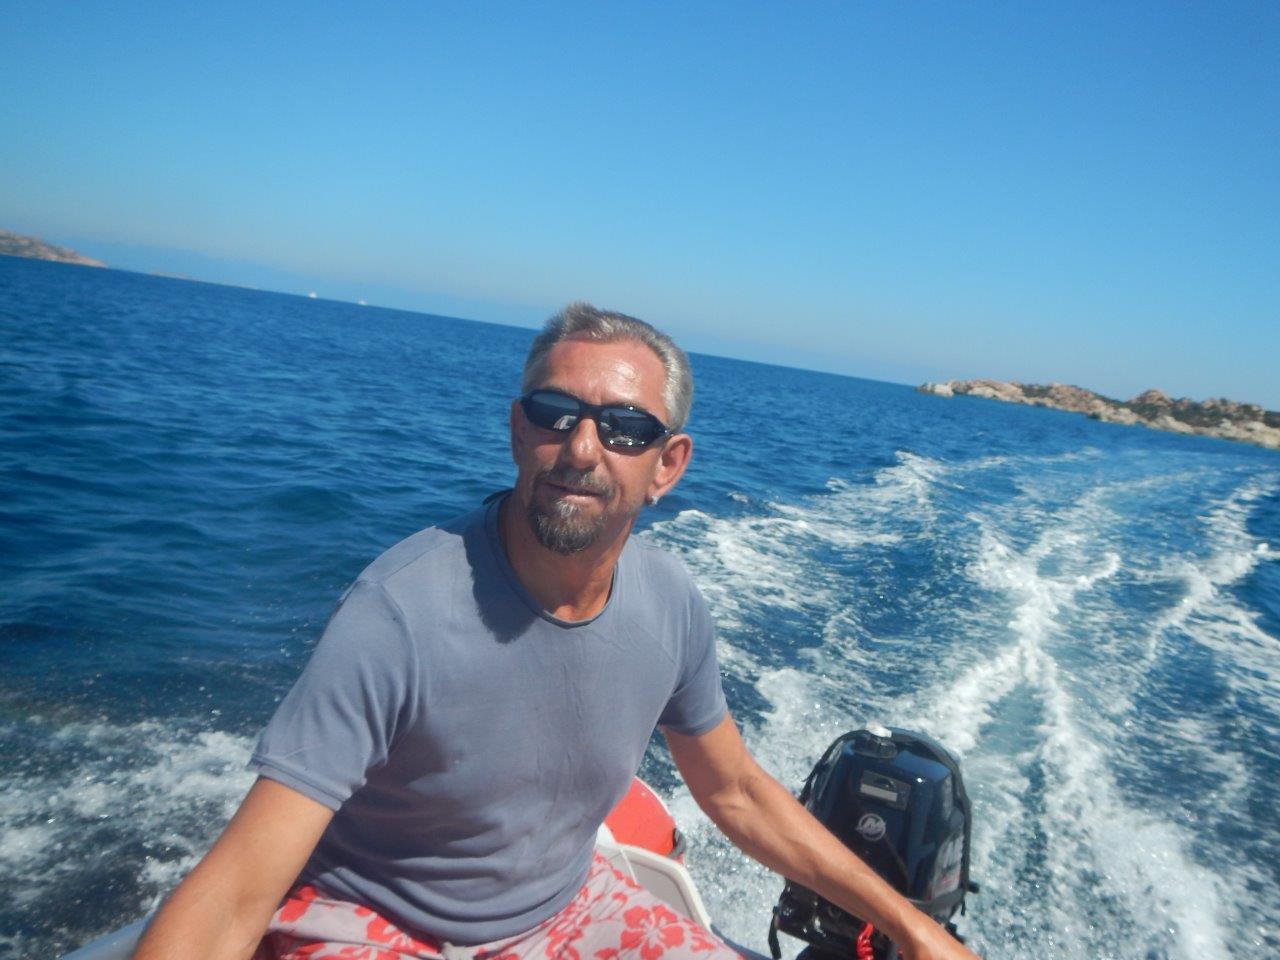 Ausflug mit dem neuen Dinghy an der Küste von Caprera  Segeltörn mitmachen